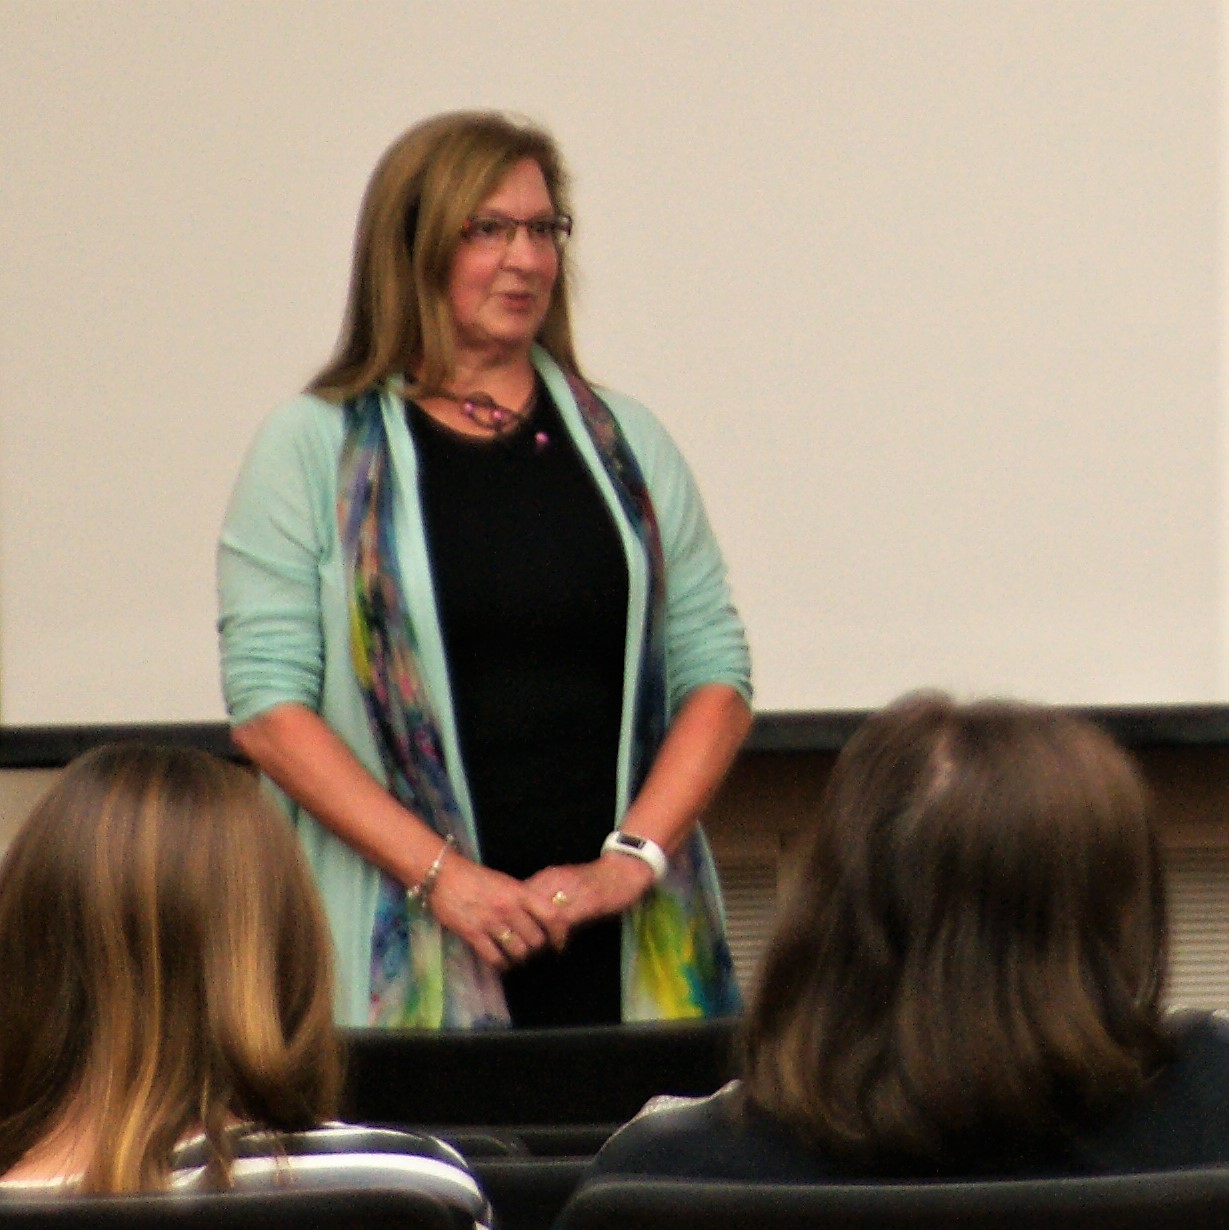 Julie Parker, Producer